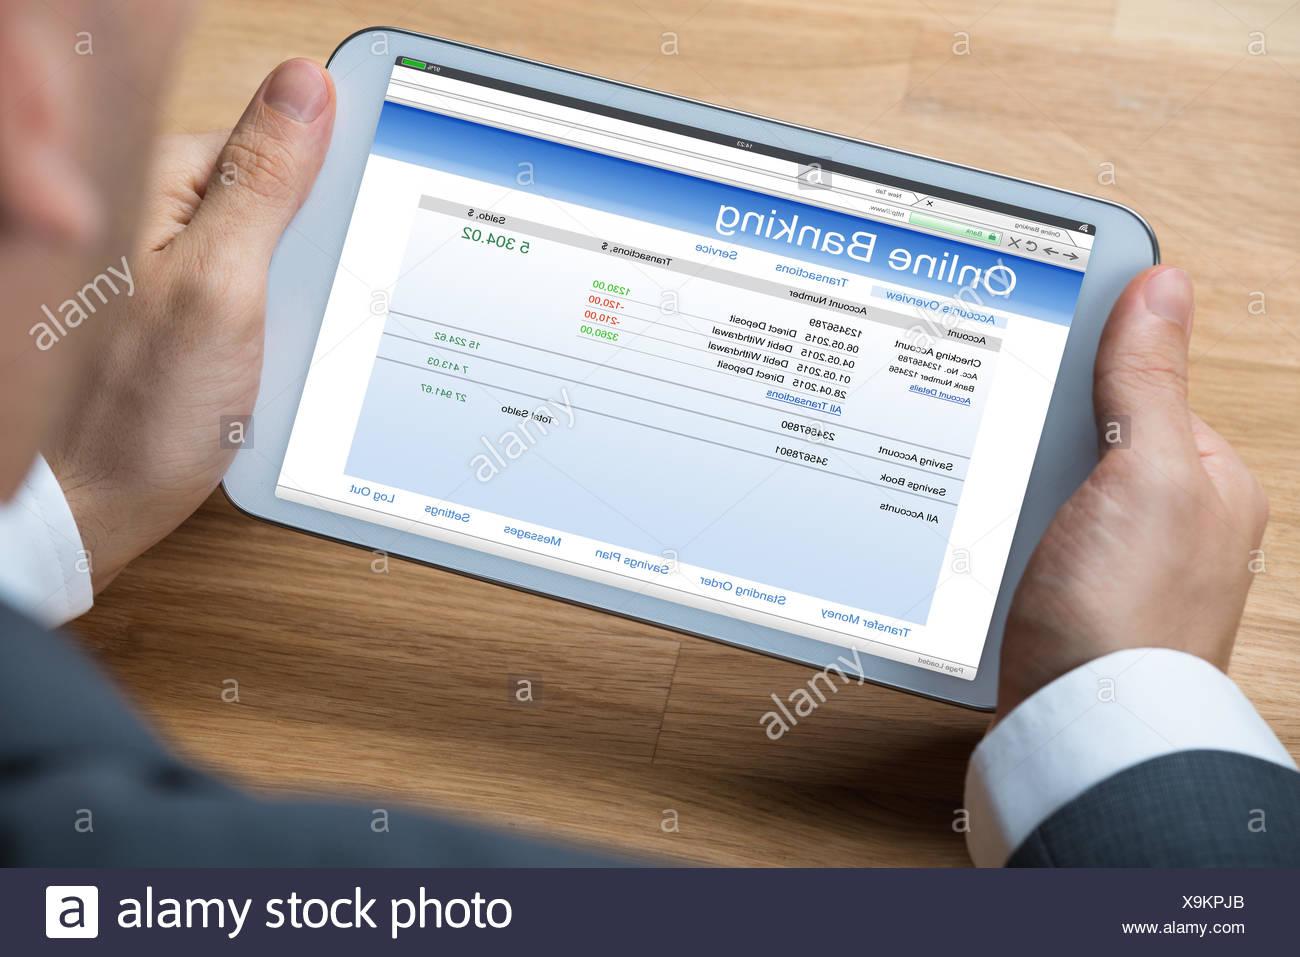 Businessman Doing Online Banking On Digital Tablet - Stock Image